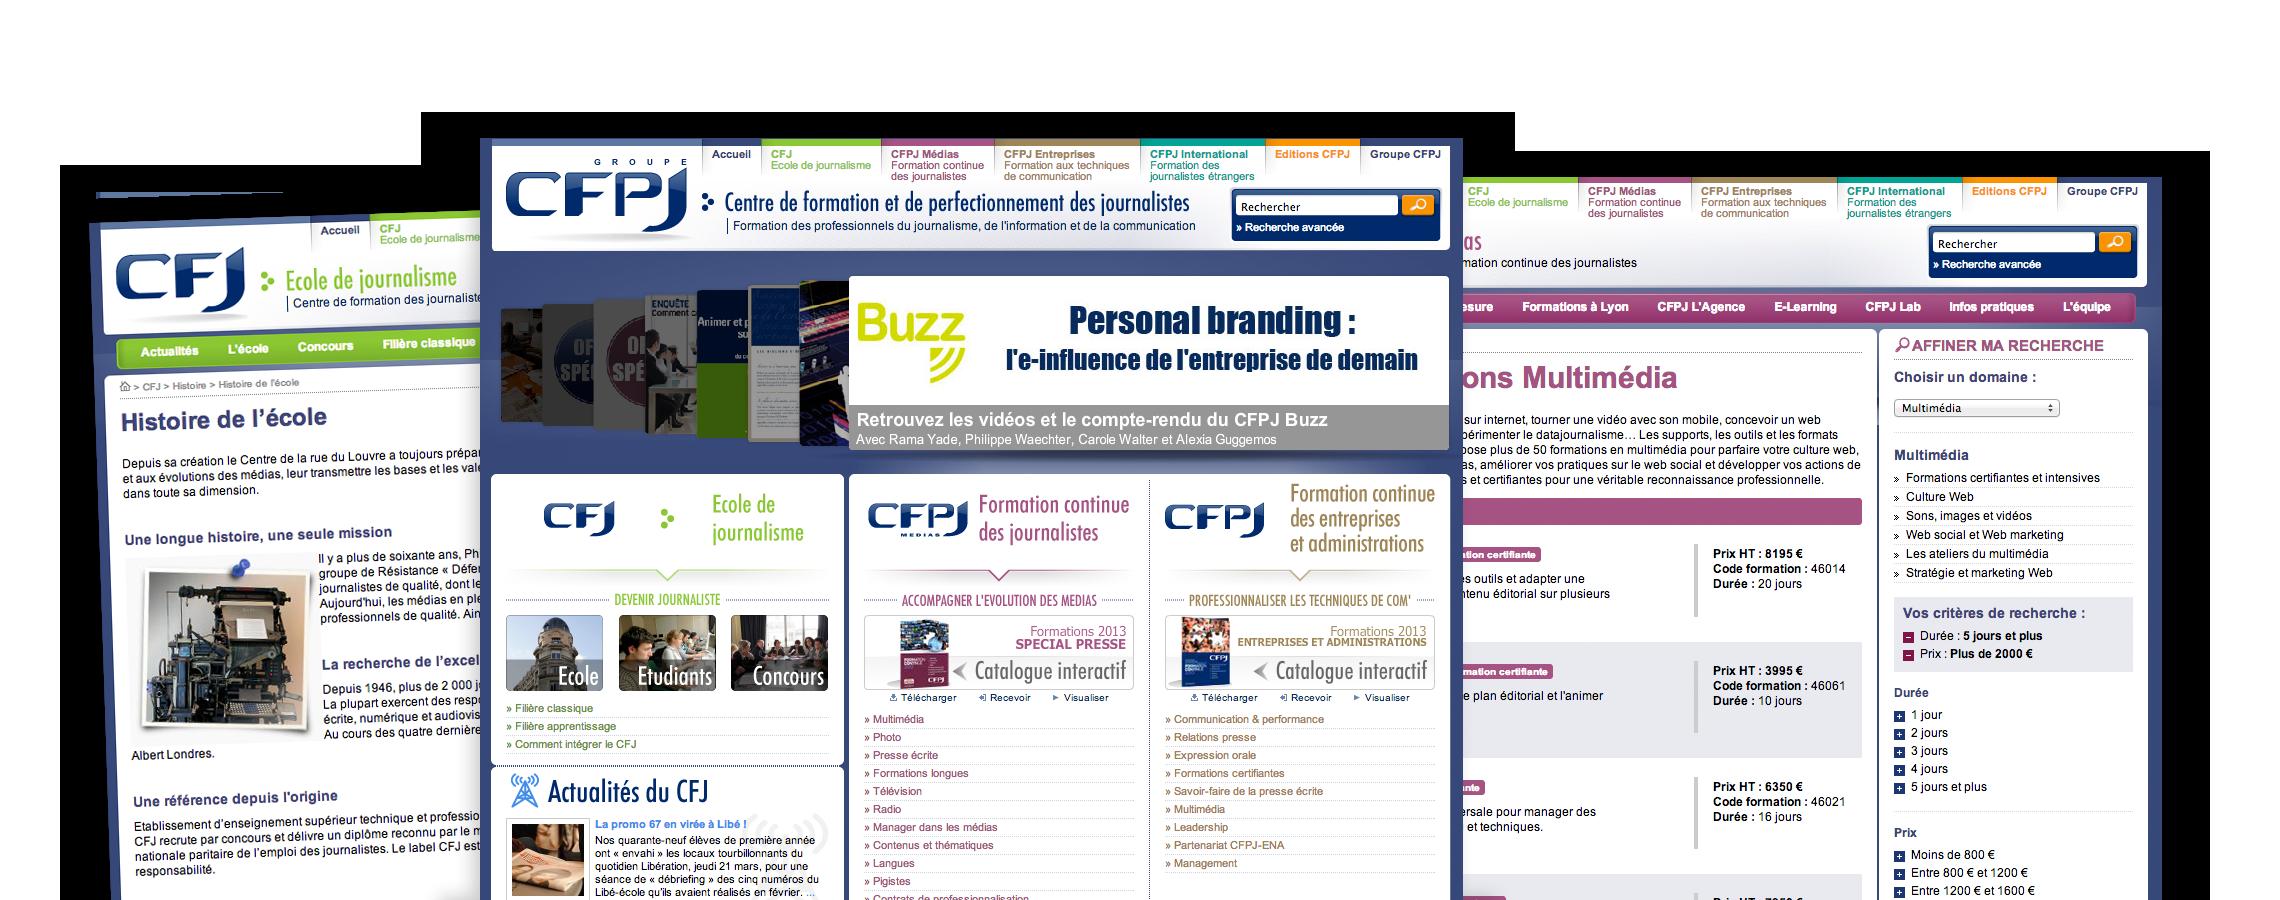 Le CFPJ passe au Web 2.0